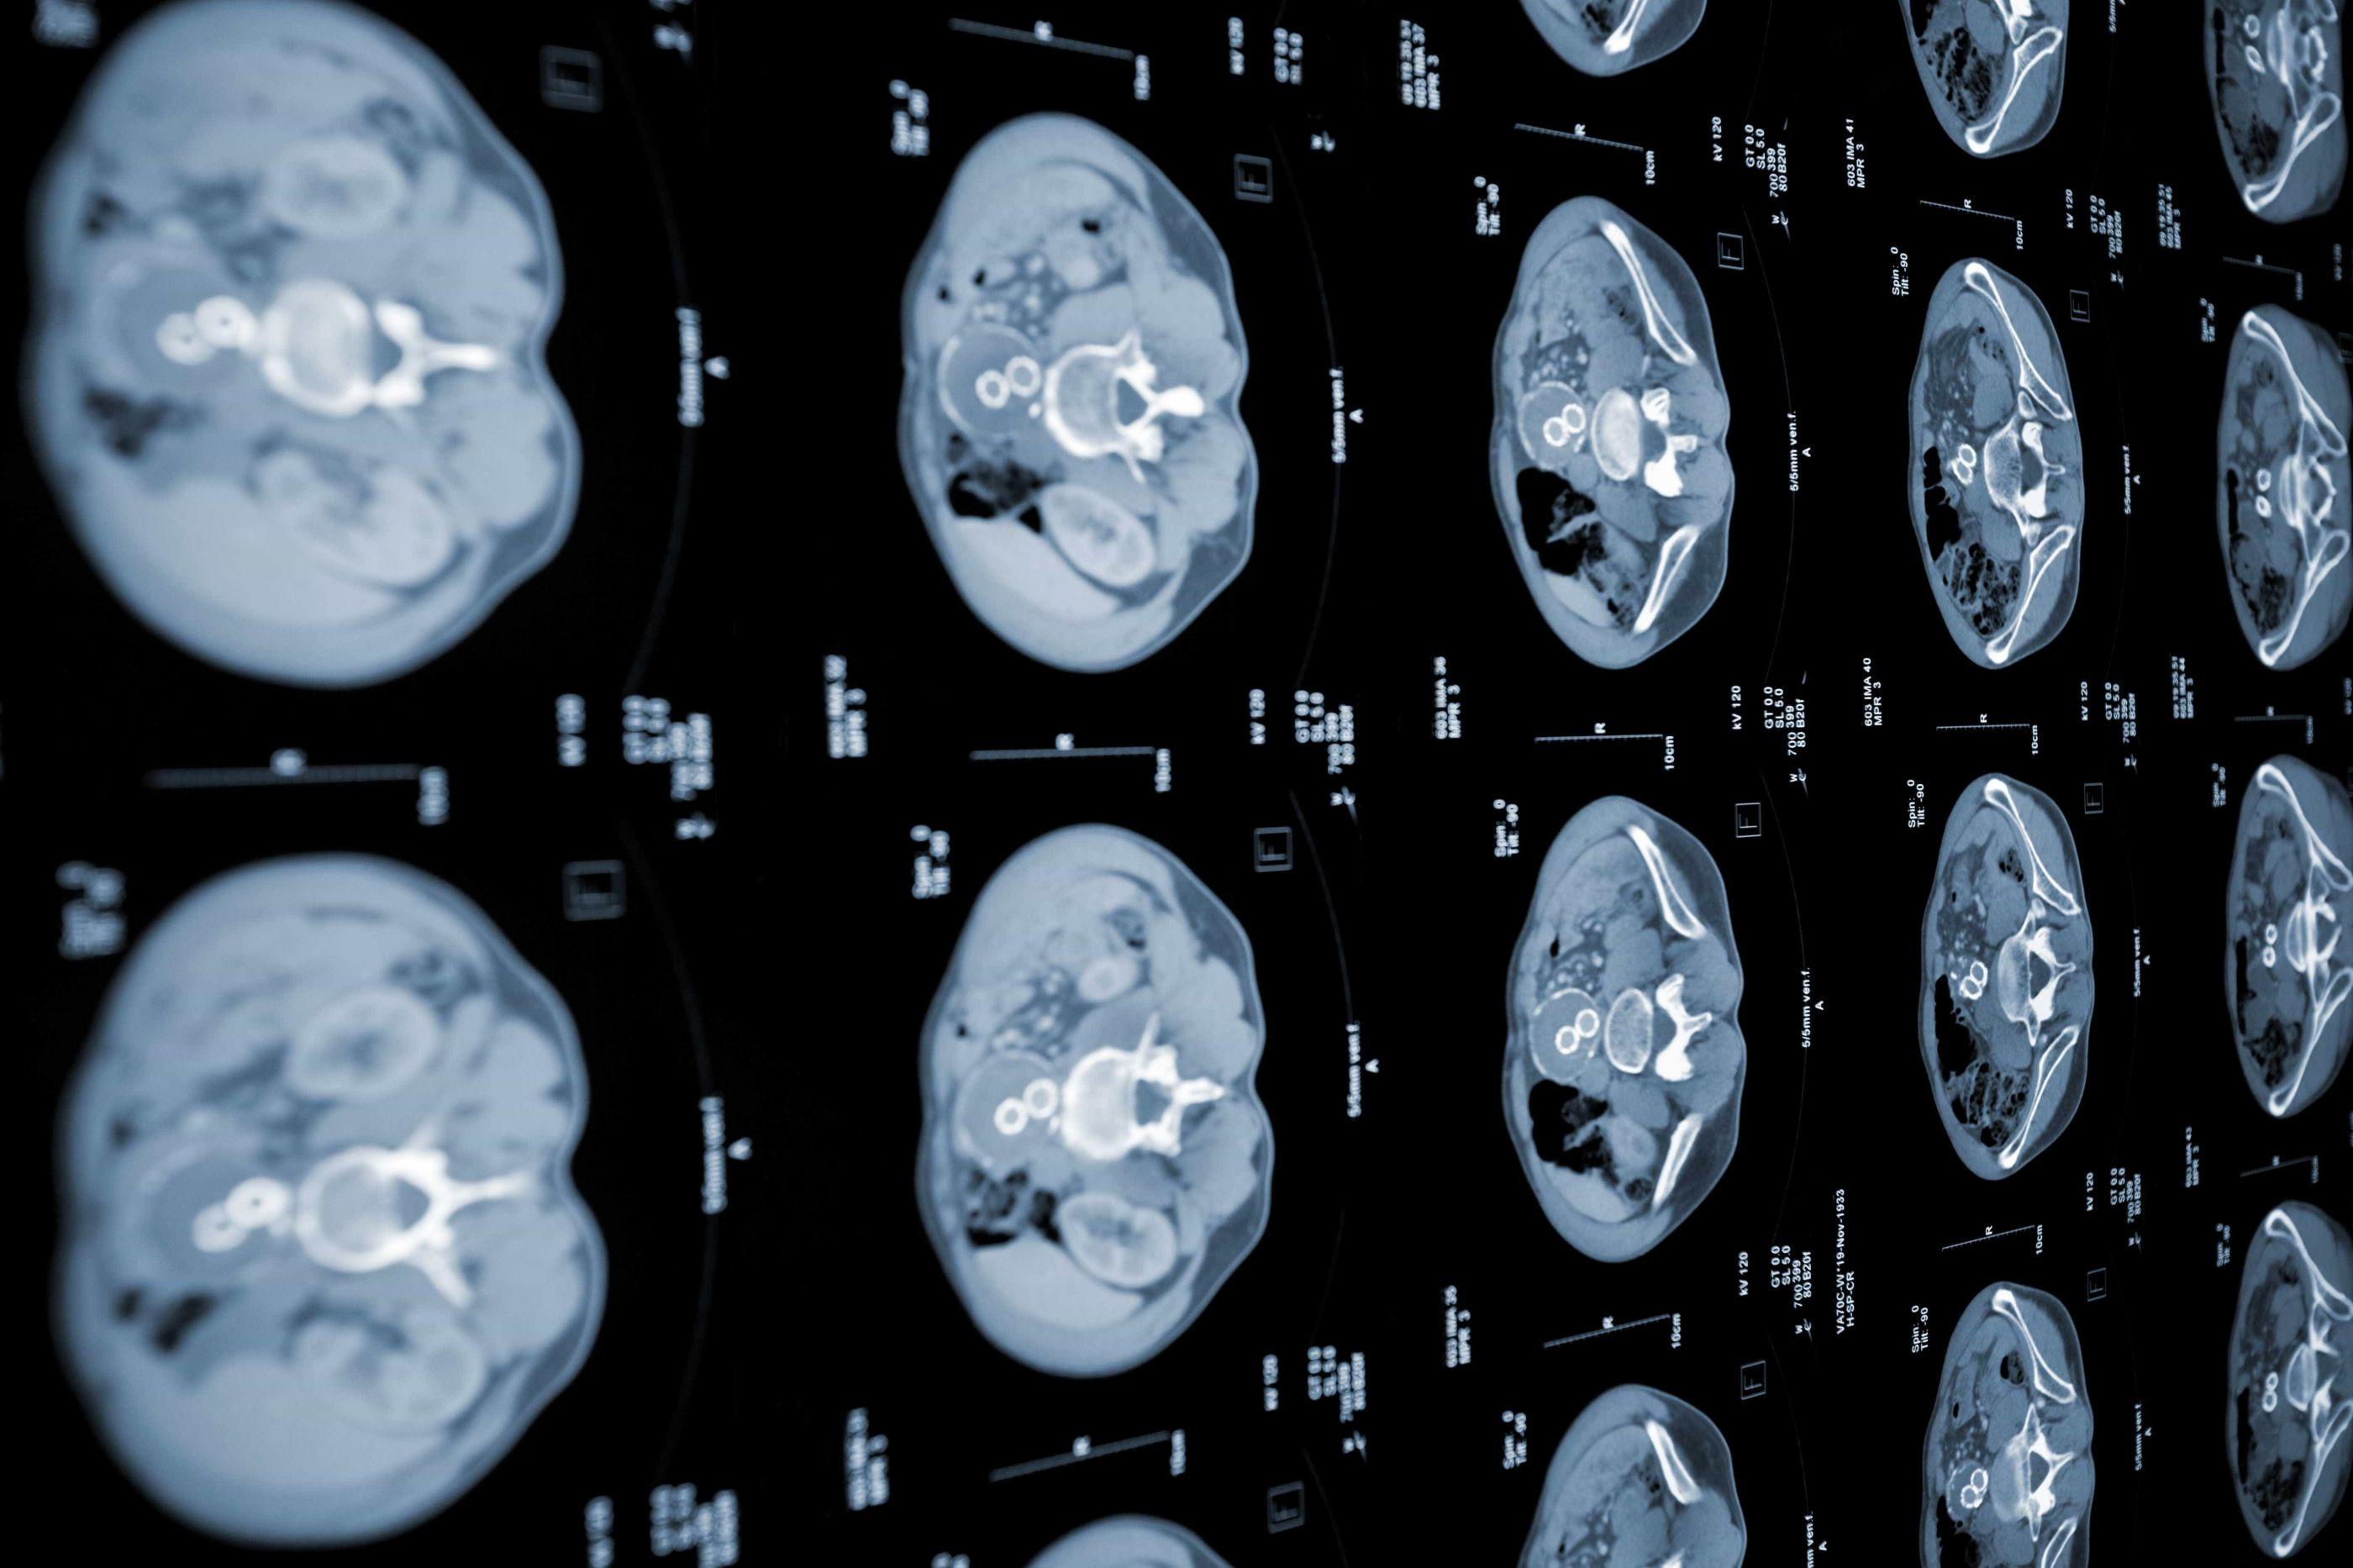 Especialistas querem fazer mais pelos doentes com cancro do pâncreas